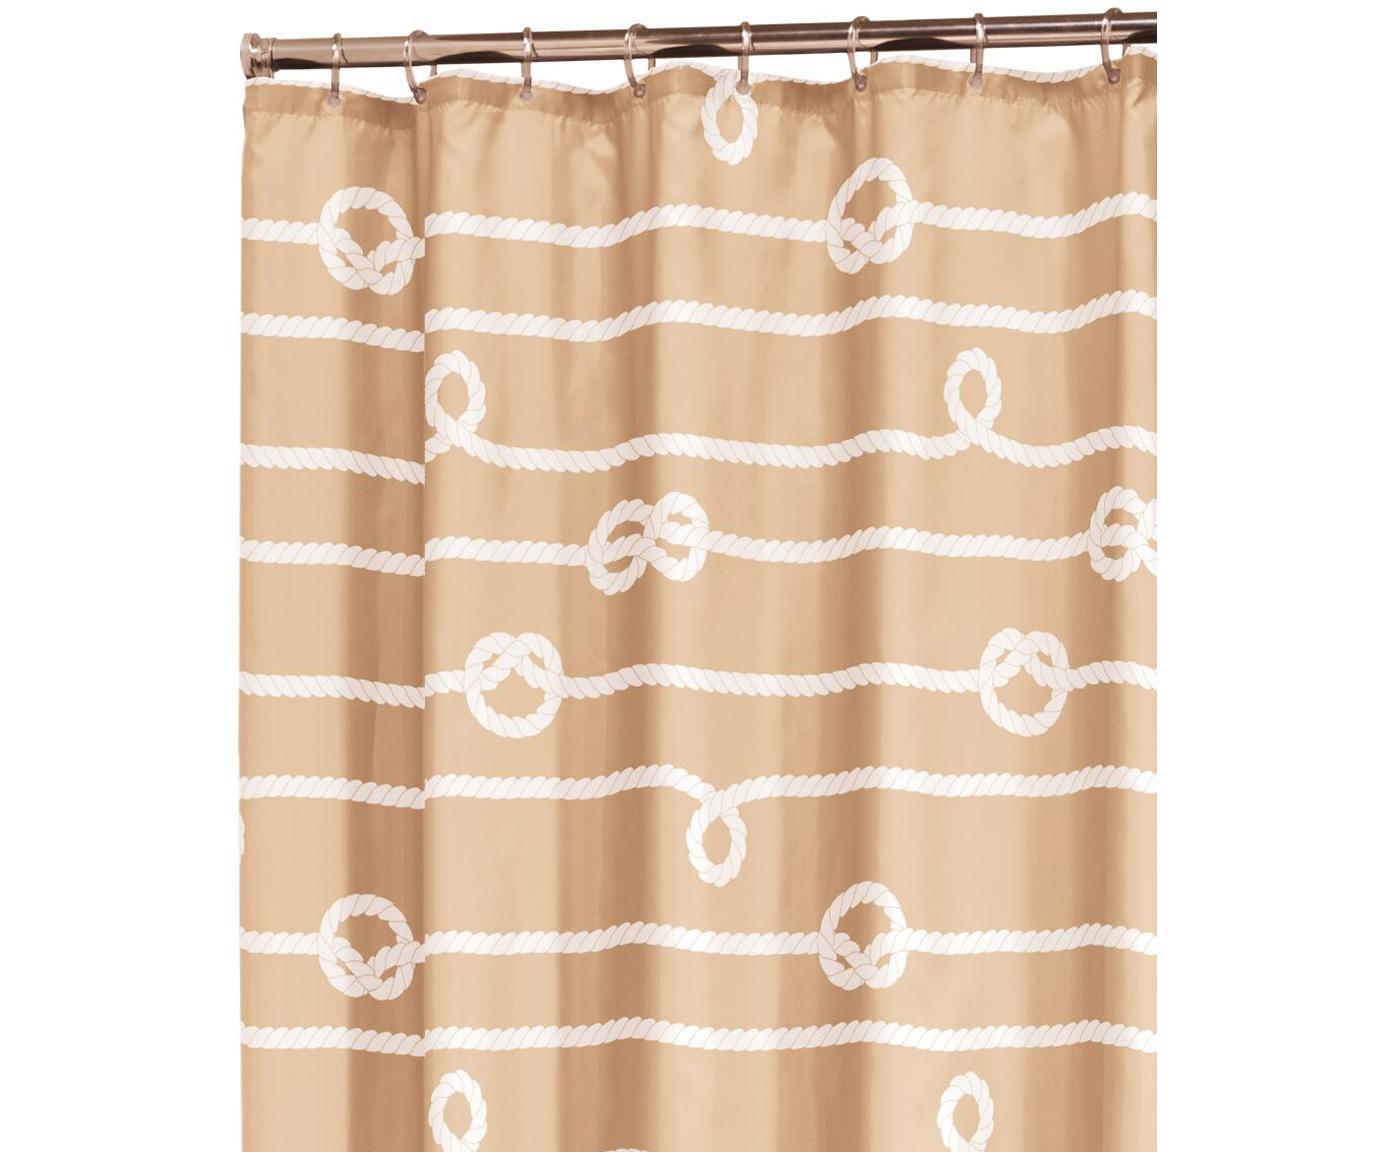 Zasłona prysznicowa Rope, Odcienie piaskowego, biały, S 180 x D 200 cm